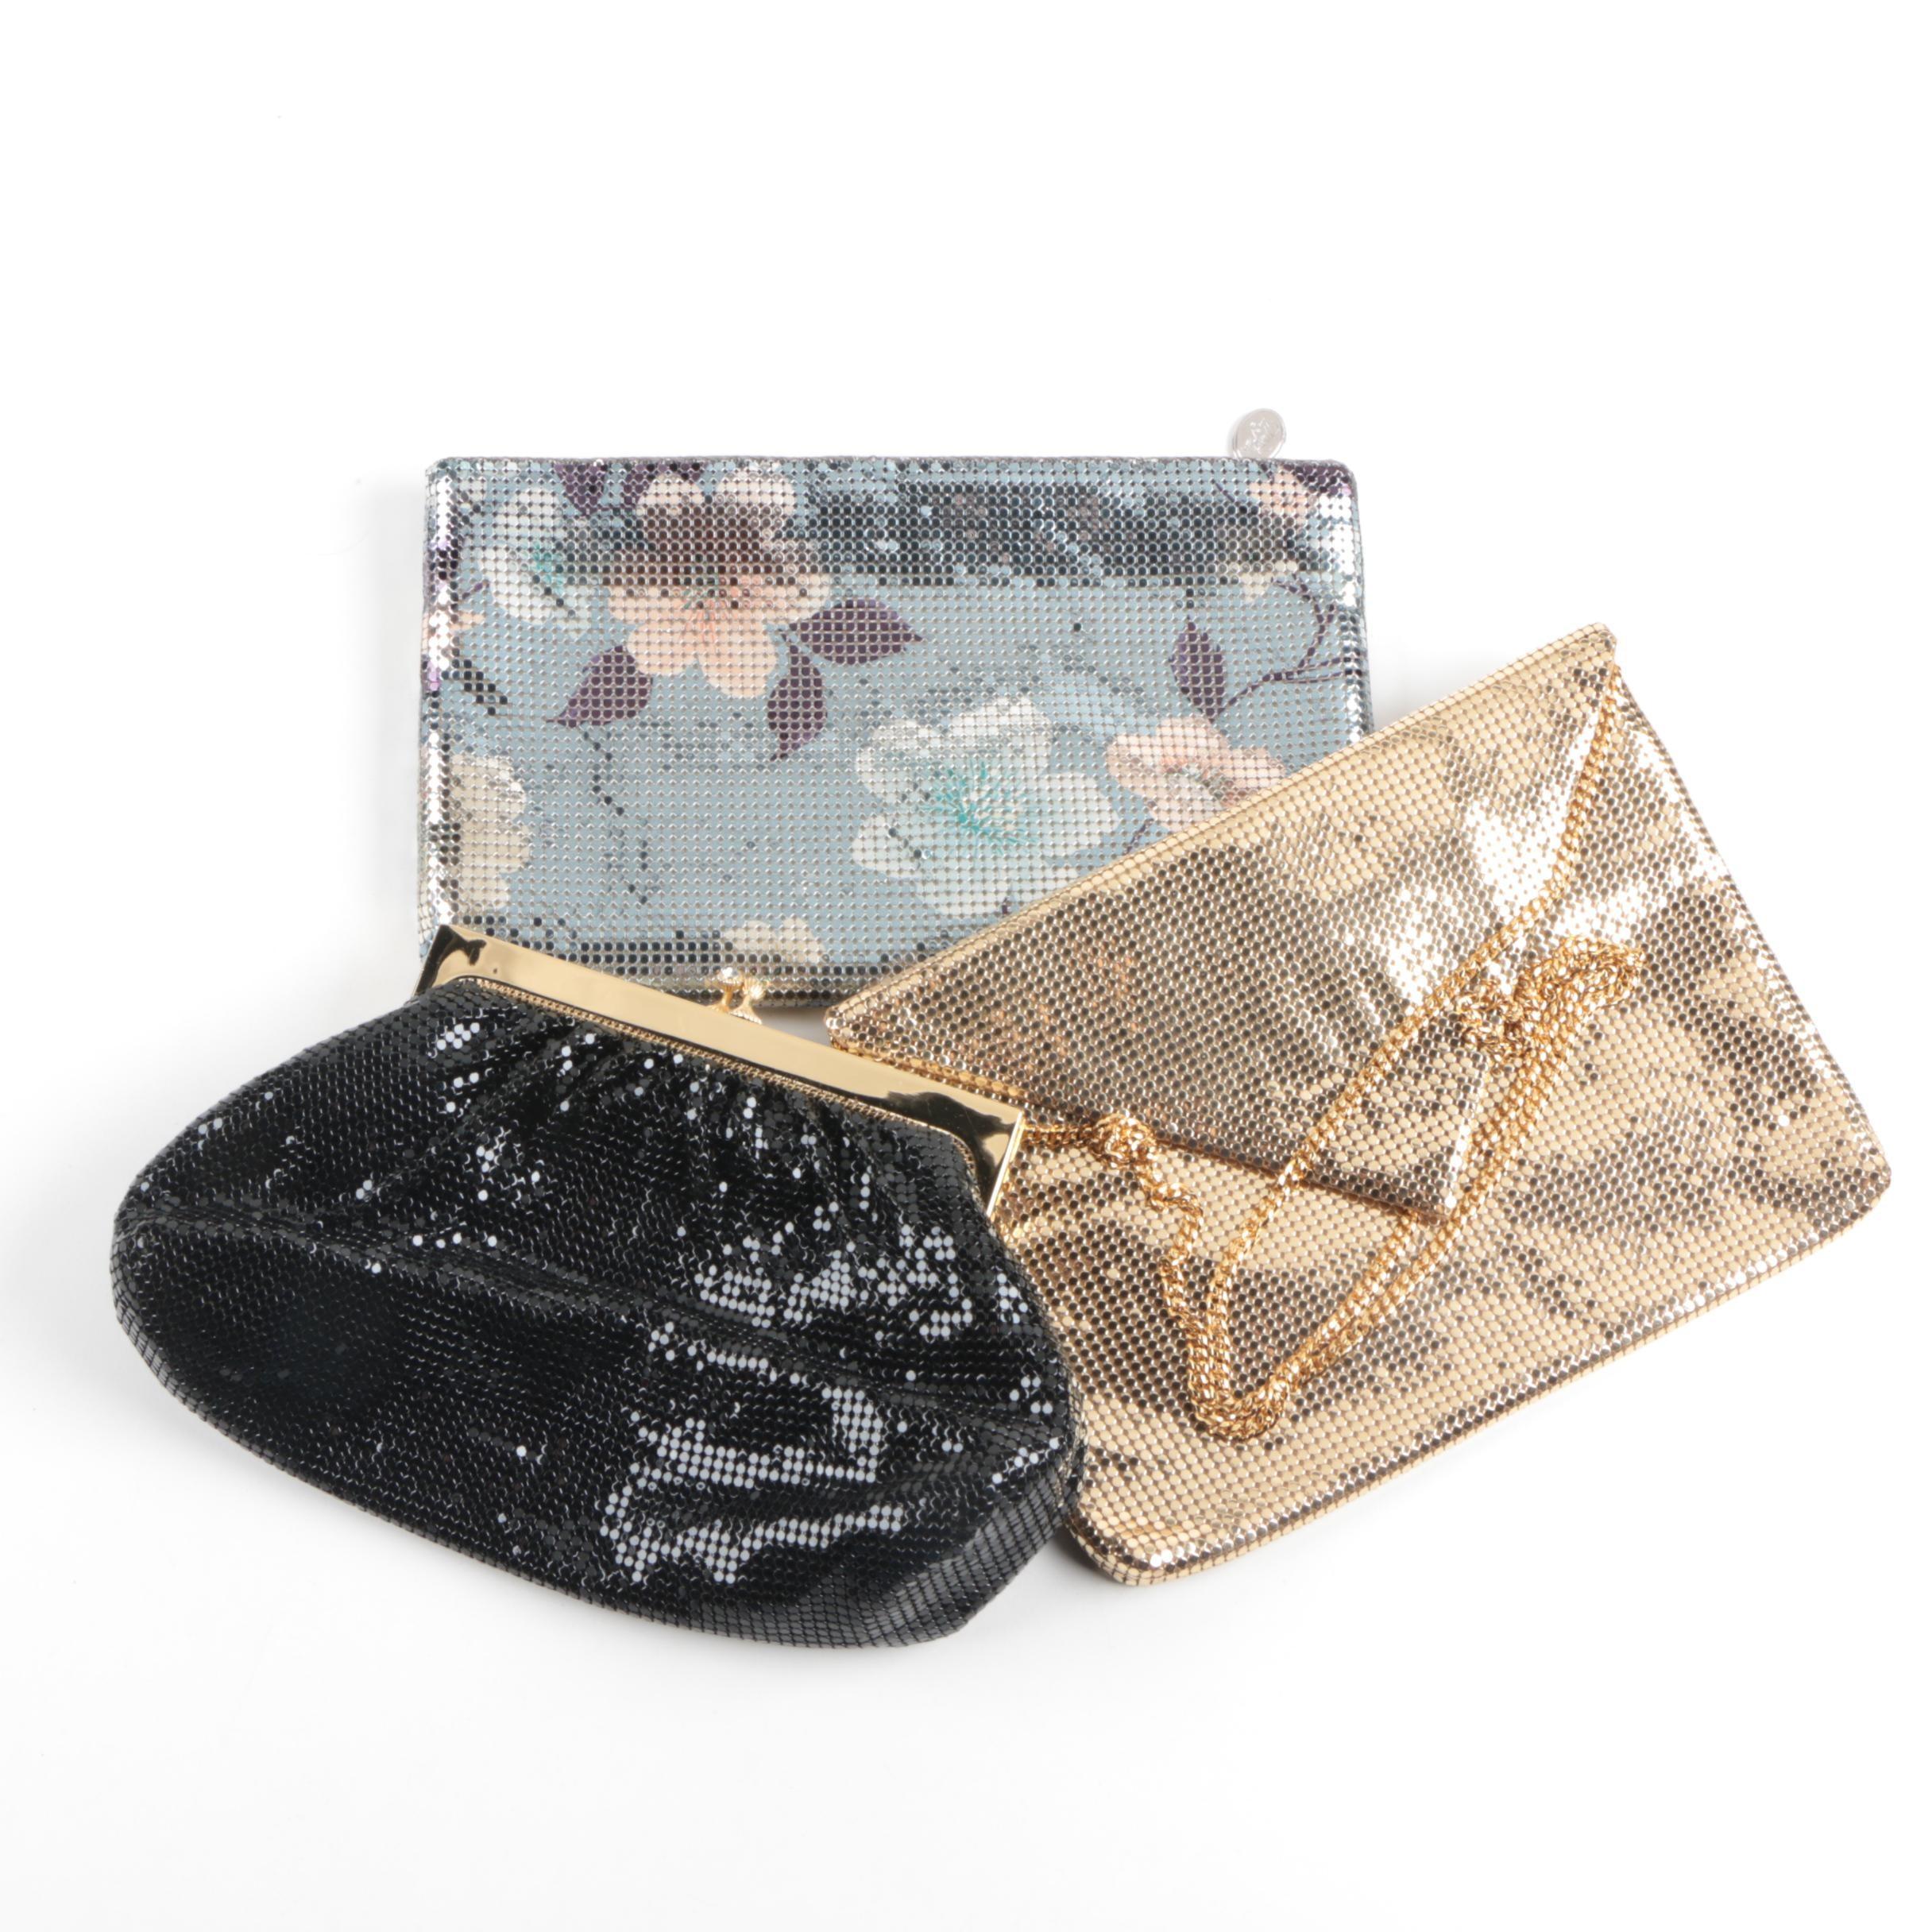 Vintage Whiting and Davis Metal Mesh Handbag Collection